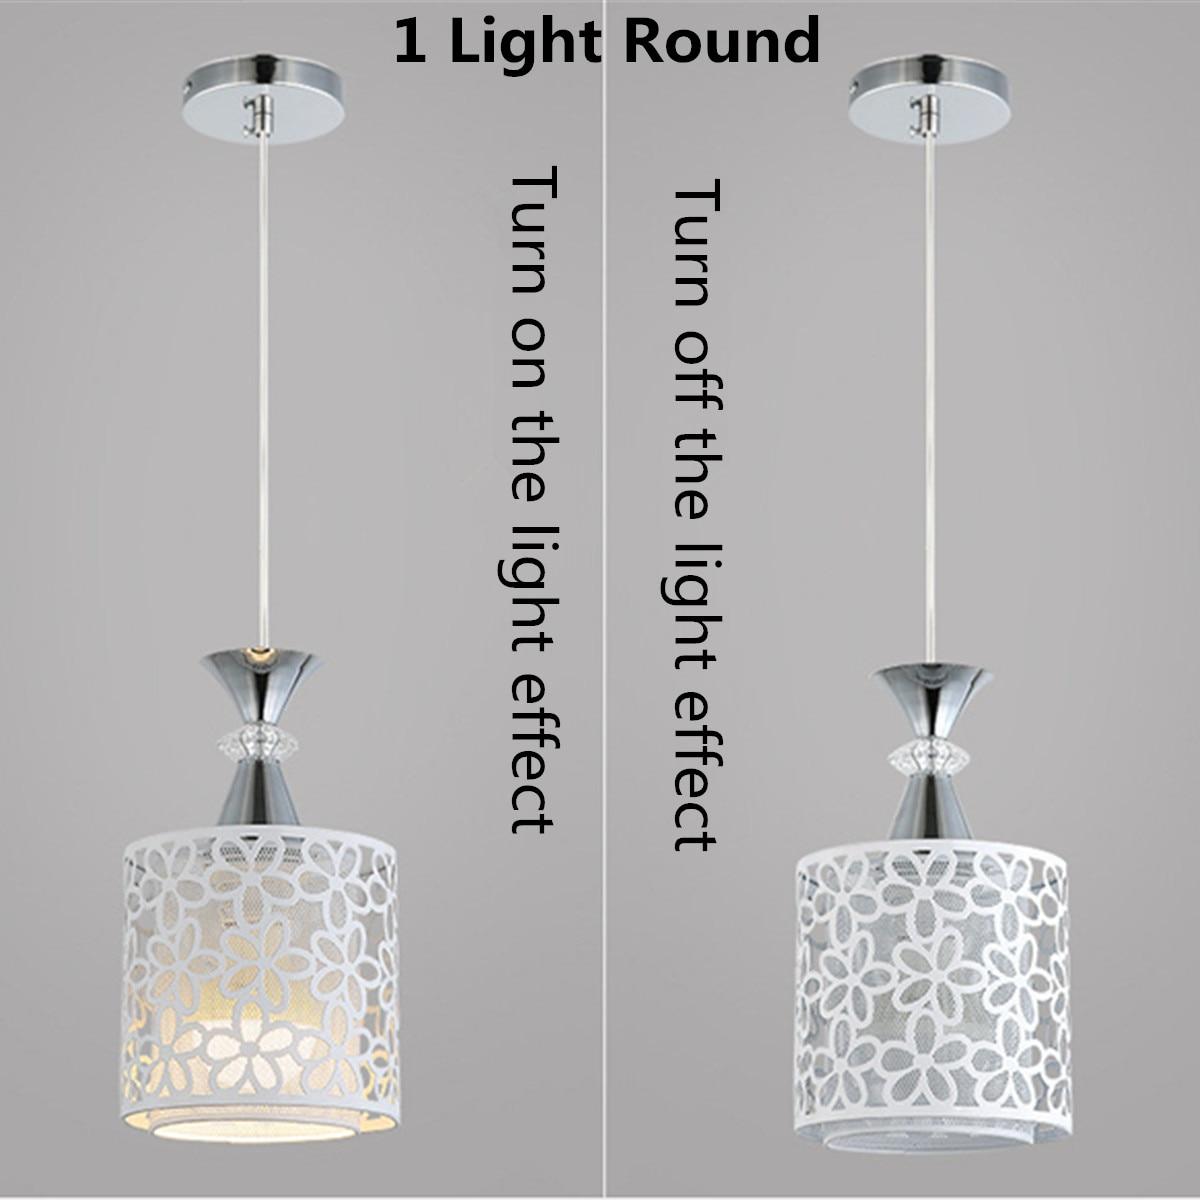 HTB153VtbvvsK1Rjy0Fiq6zwtXXaZ Crystal Ceiling Lamp | Crystal Ceiling Lights | Modern LED Lamps For Living Room Dining Room Glass Ceiling Lights Voltage 220V